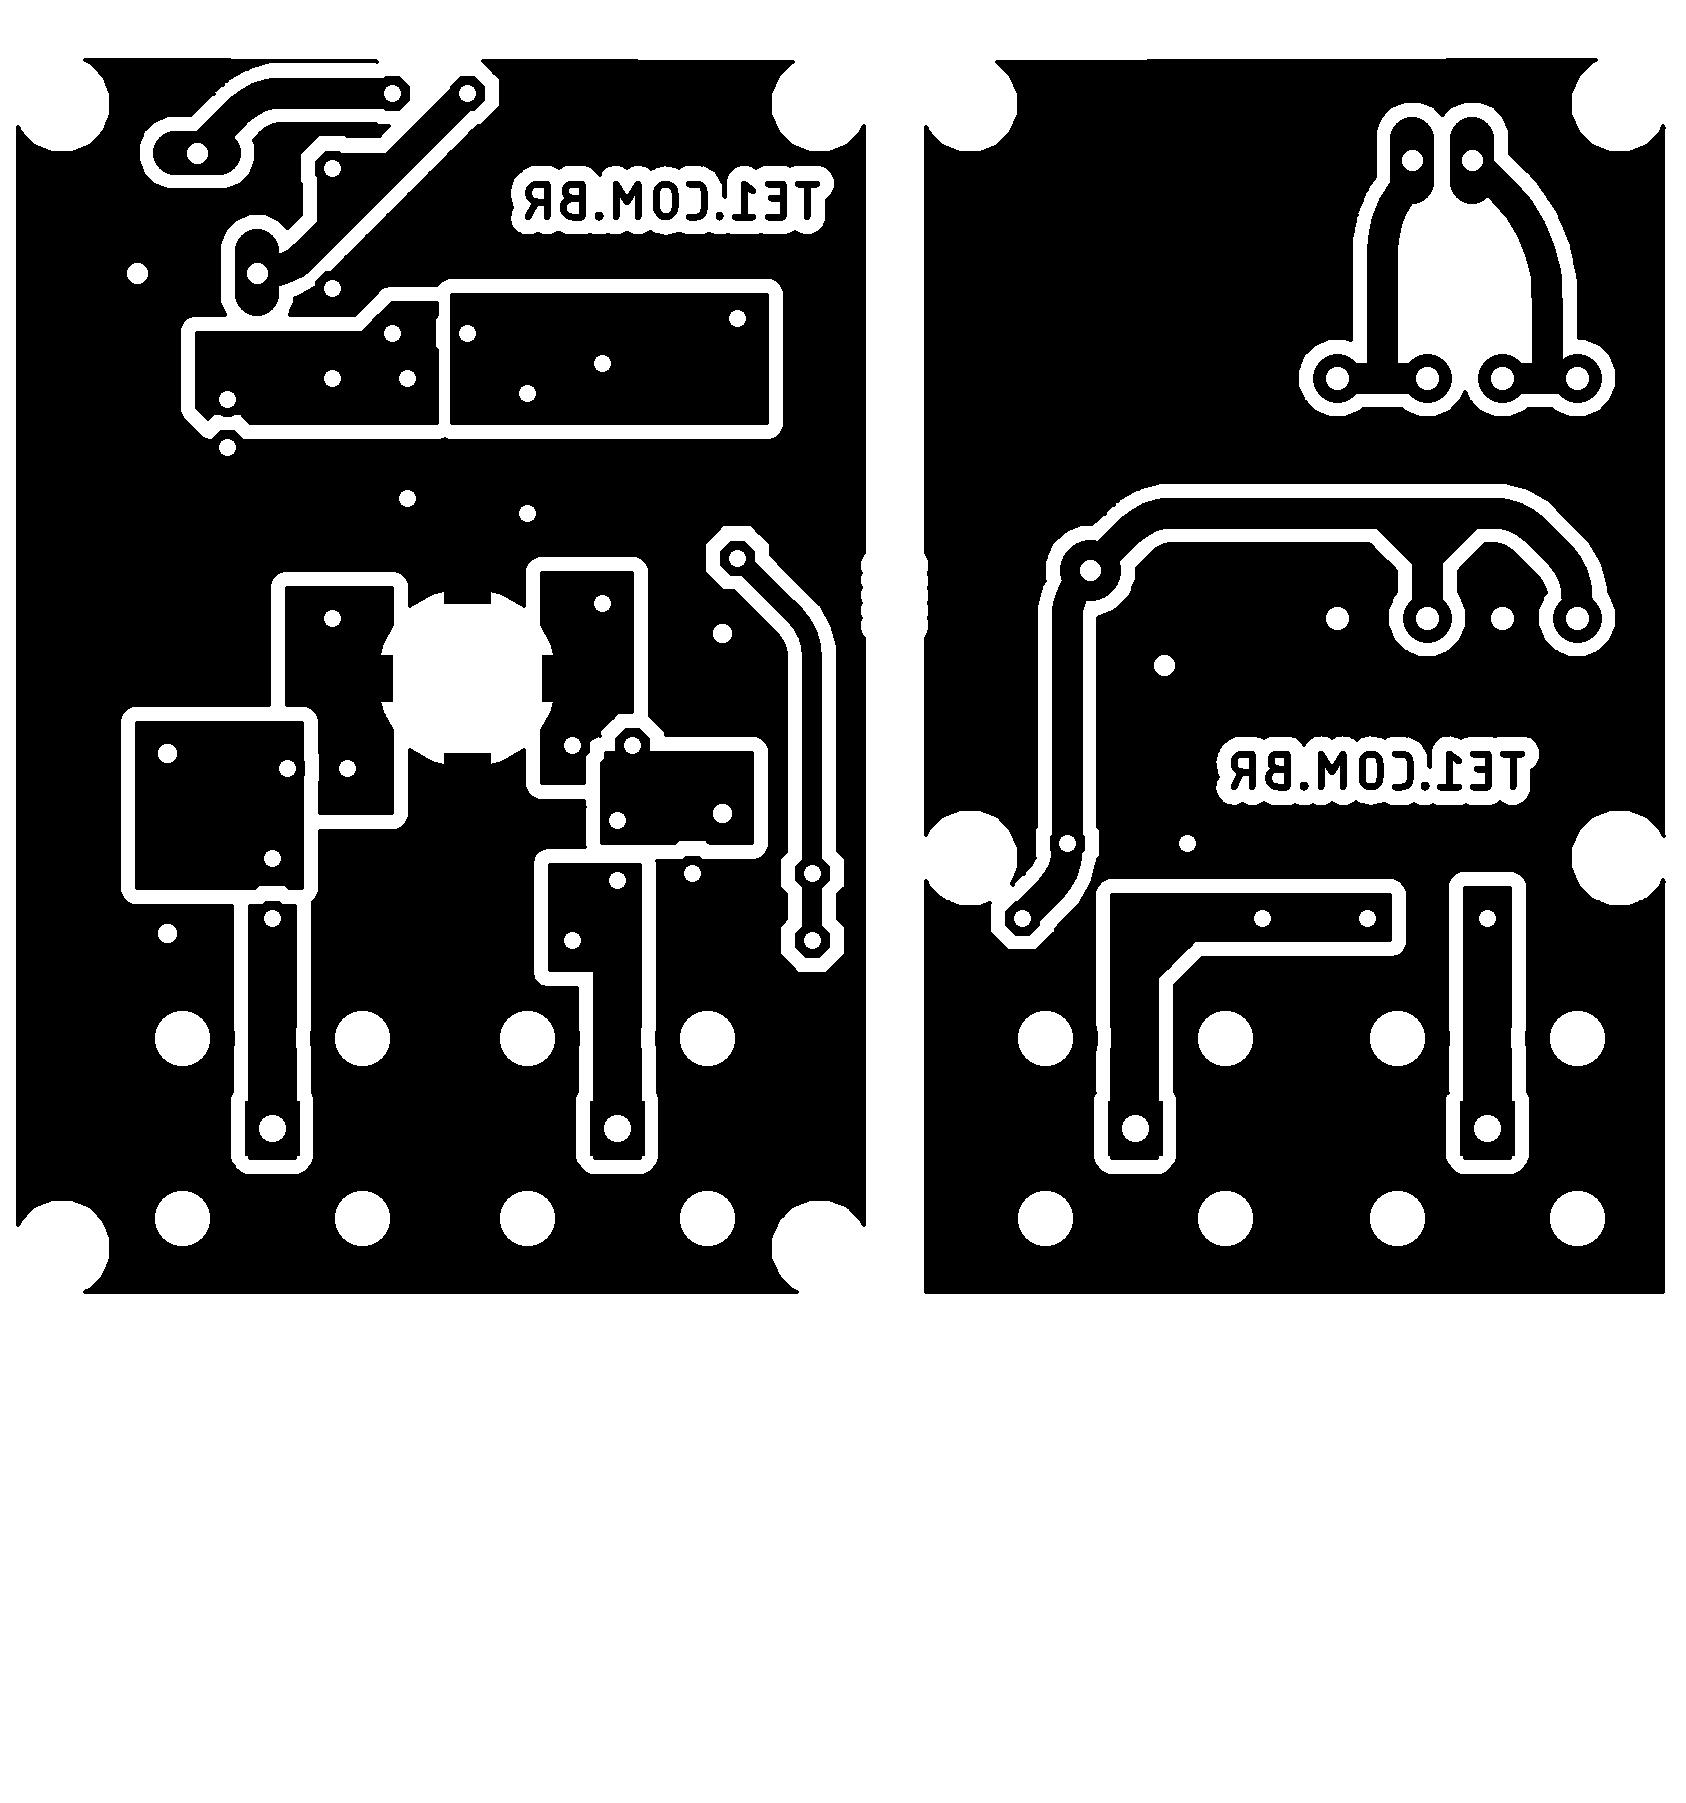 uhf antenna amplifier pcb layout Circuito amplificador de antenas UHF TV digital 10 a 15 dB tv digital Transmissores e RF placa de circuito impresso Circuitos